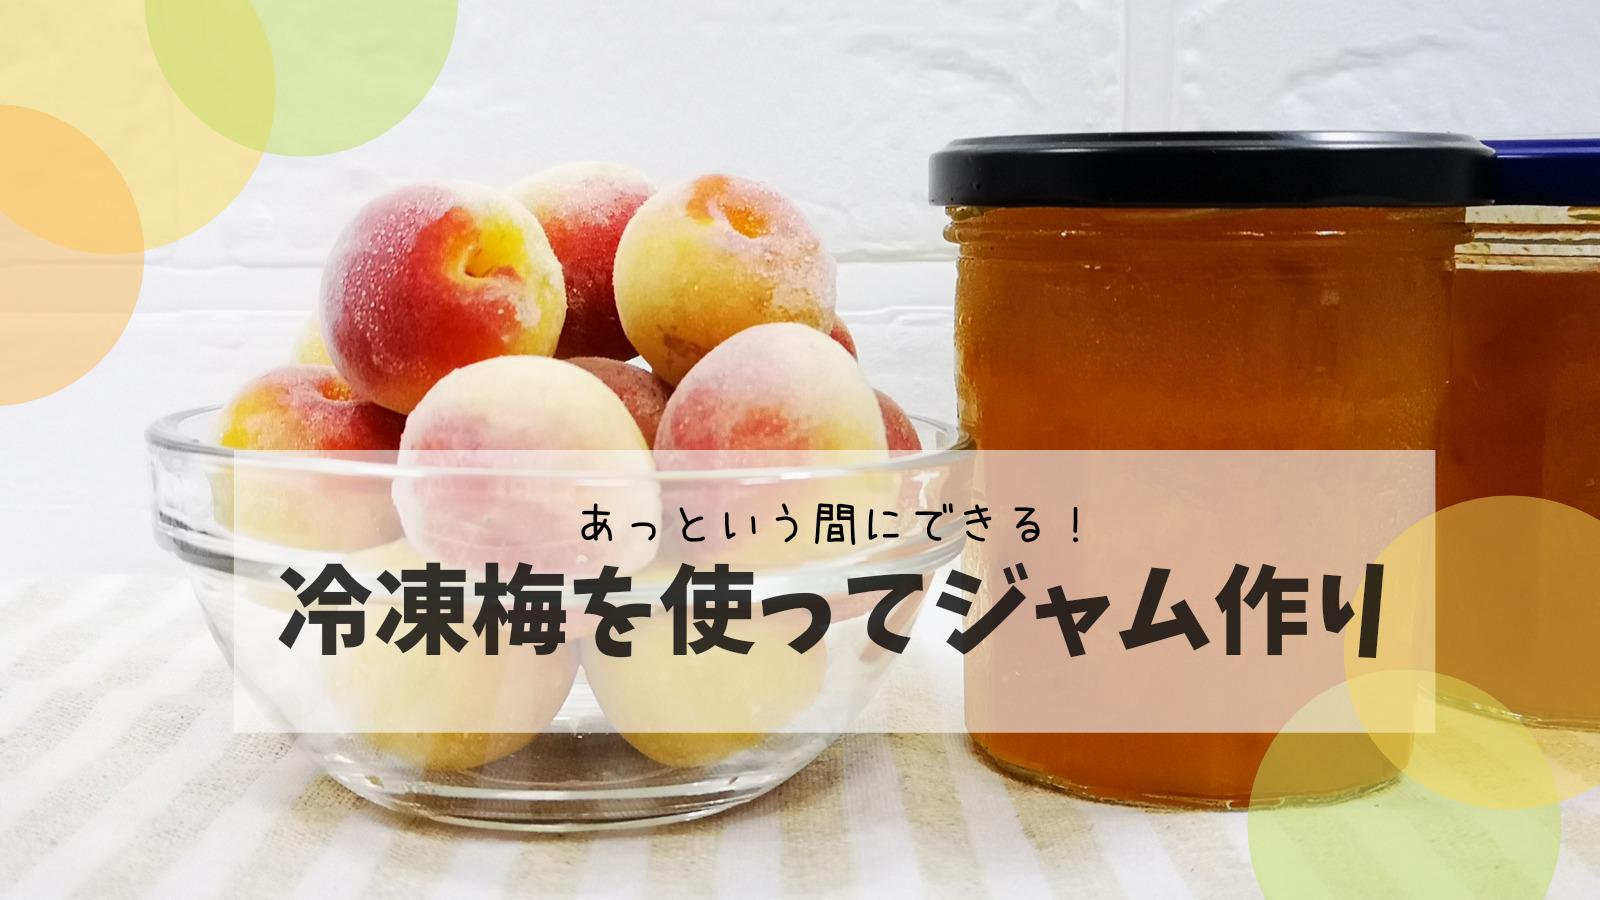 【冷凍梅】を使って梅ジャム作り 簡単、すぐにできる!